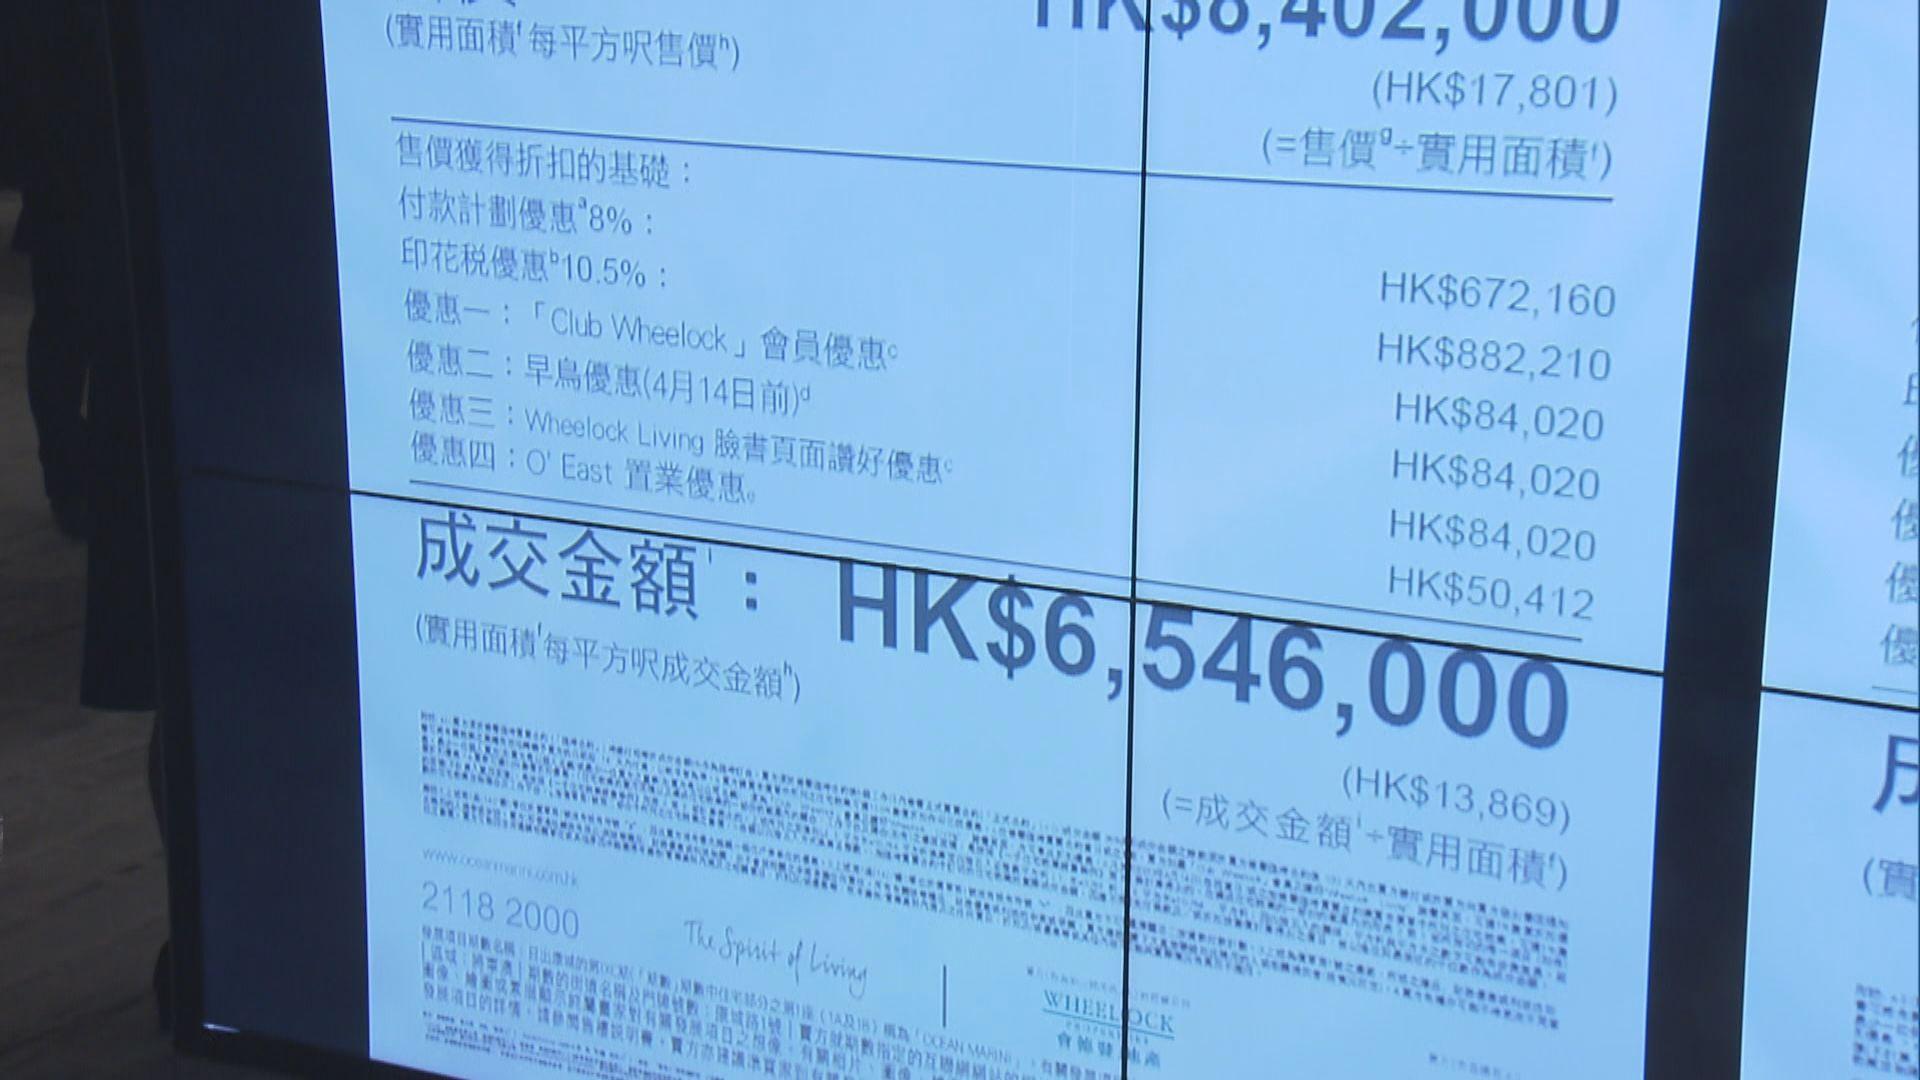 【未懼疫情】日出康城第9C期首批折實價$14688